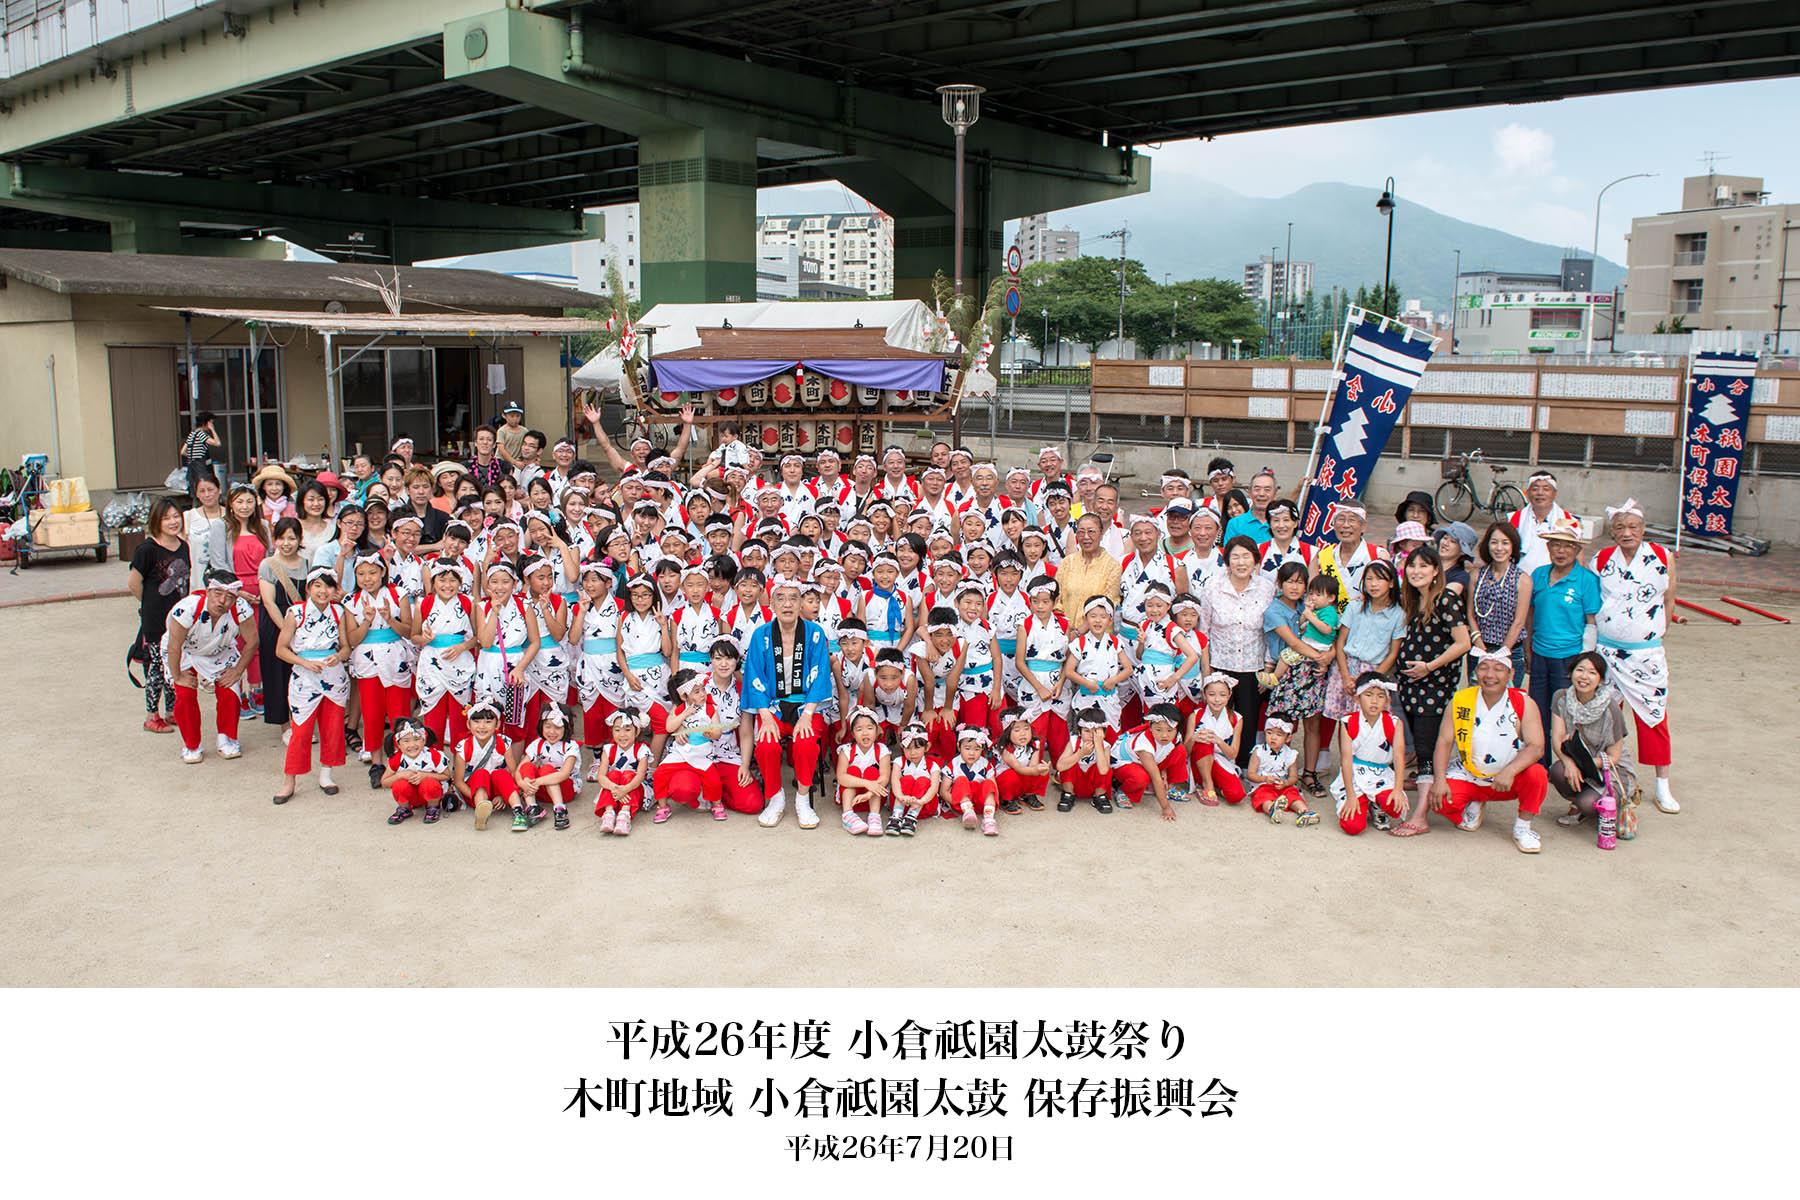 平成26年度小倉祇園太鼓祭_c0028861_9353965.jpg